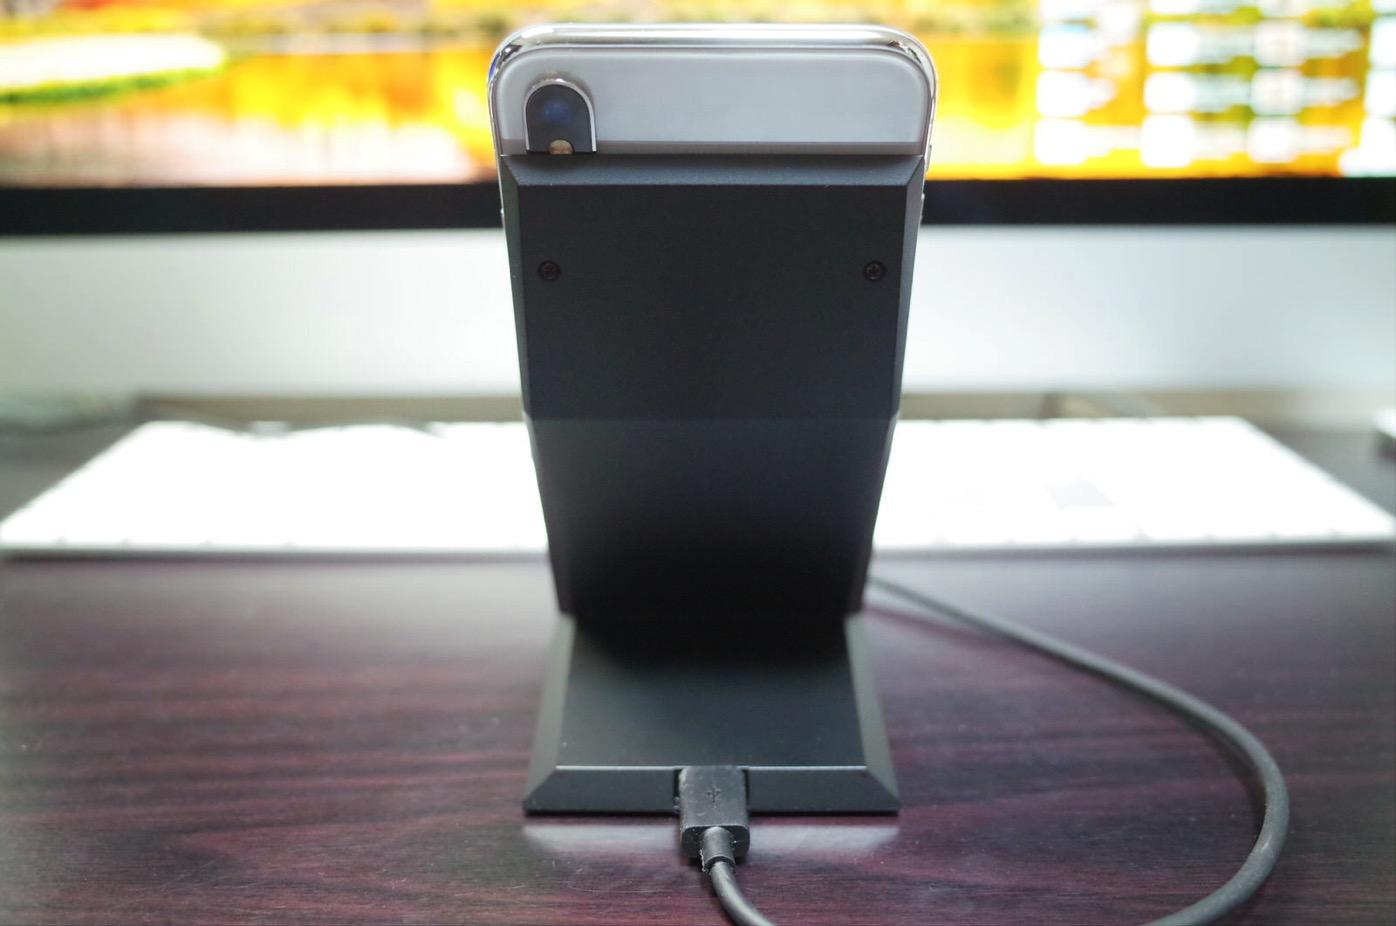 Qi 急速 ワイヤレス充電器 NANAMI Quick Charge 2.0 二つのコイル ワイヤレスチャージャー15